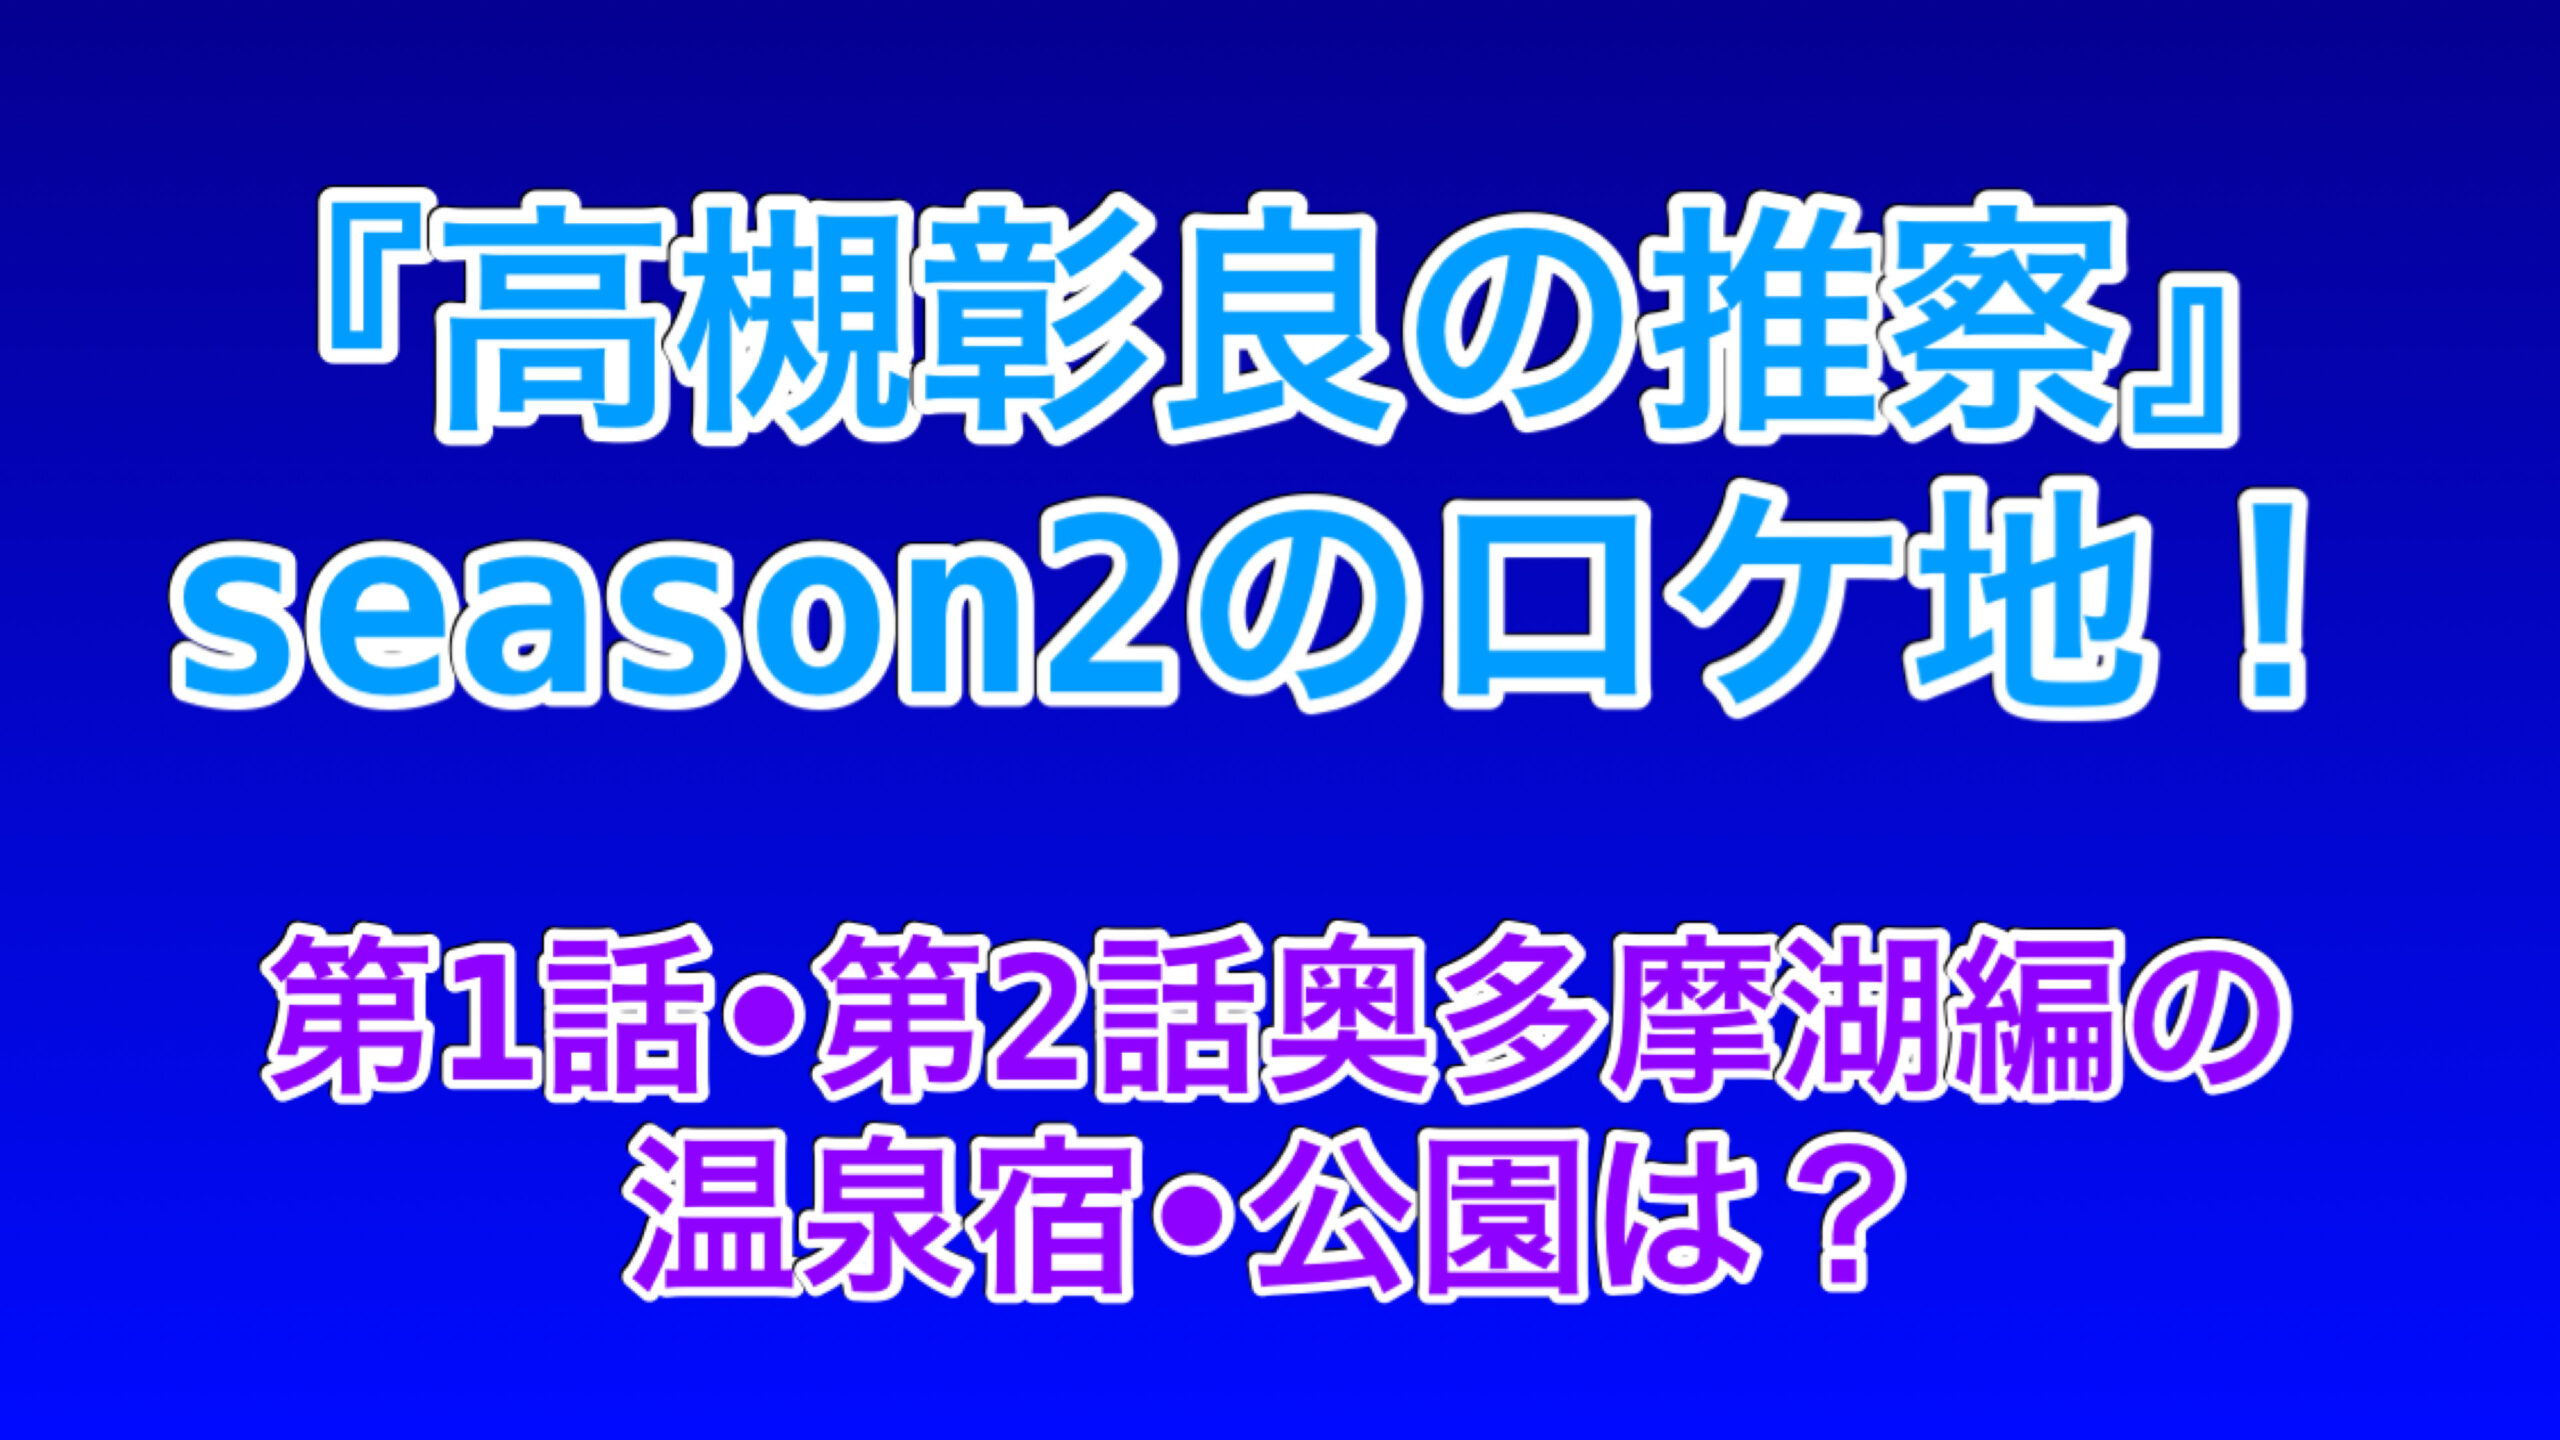 高槻彰良season2